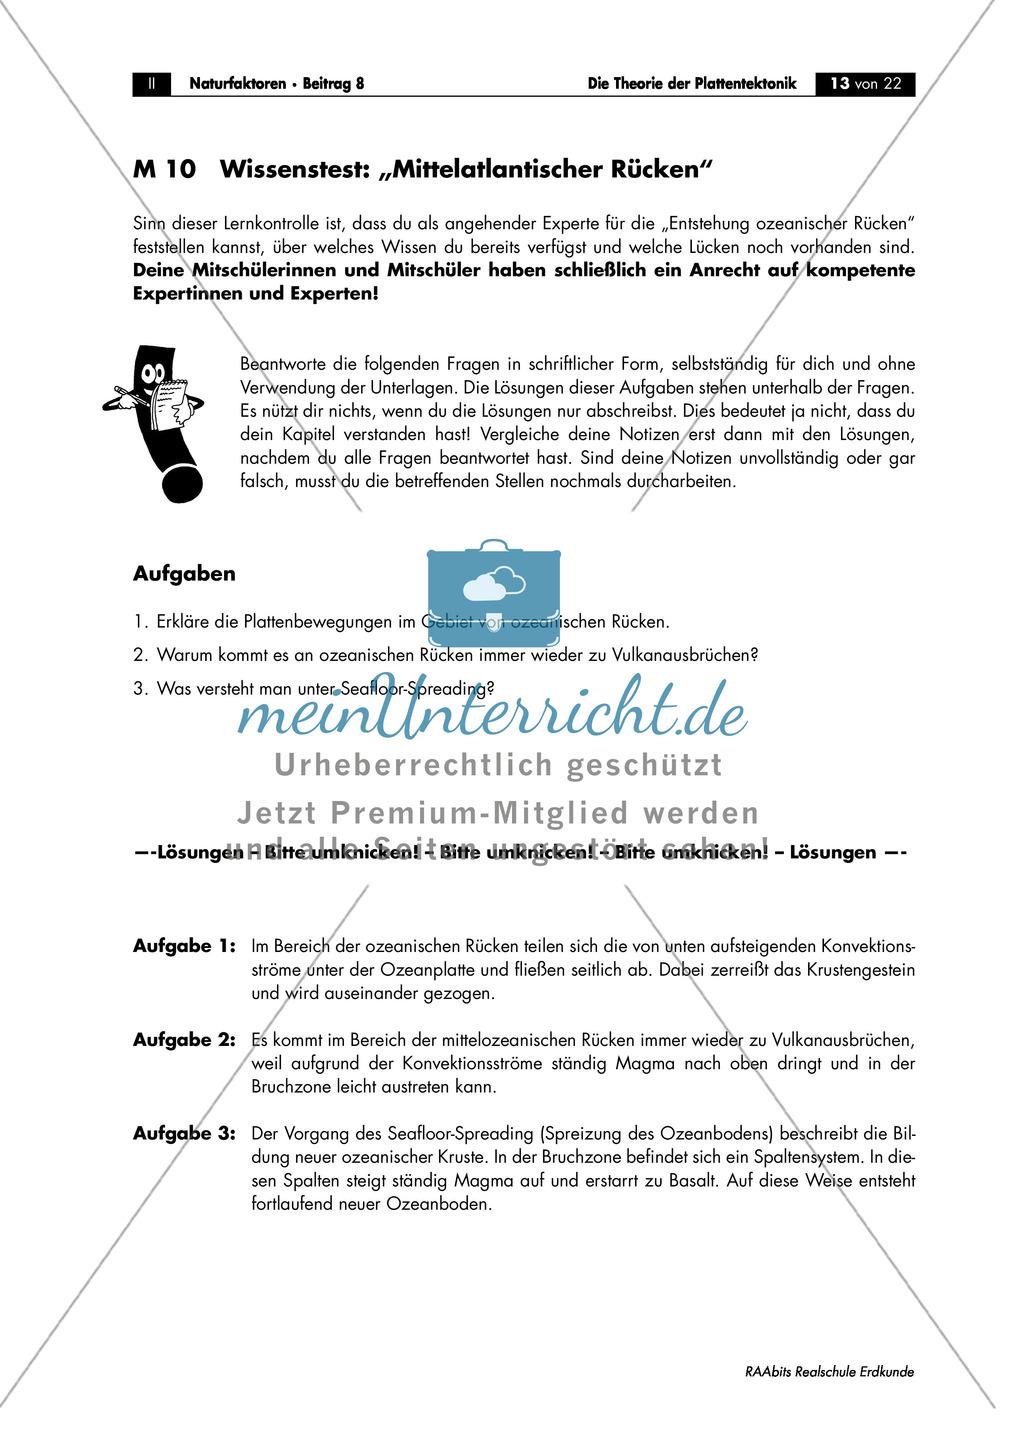 Gemütlich Vulkane Und Plattentektonik Arbeitsblatt Antworten ...